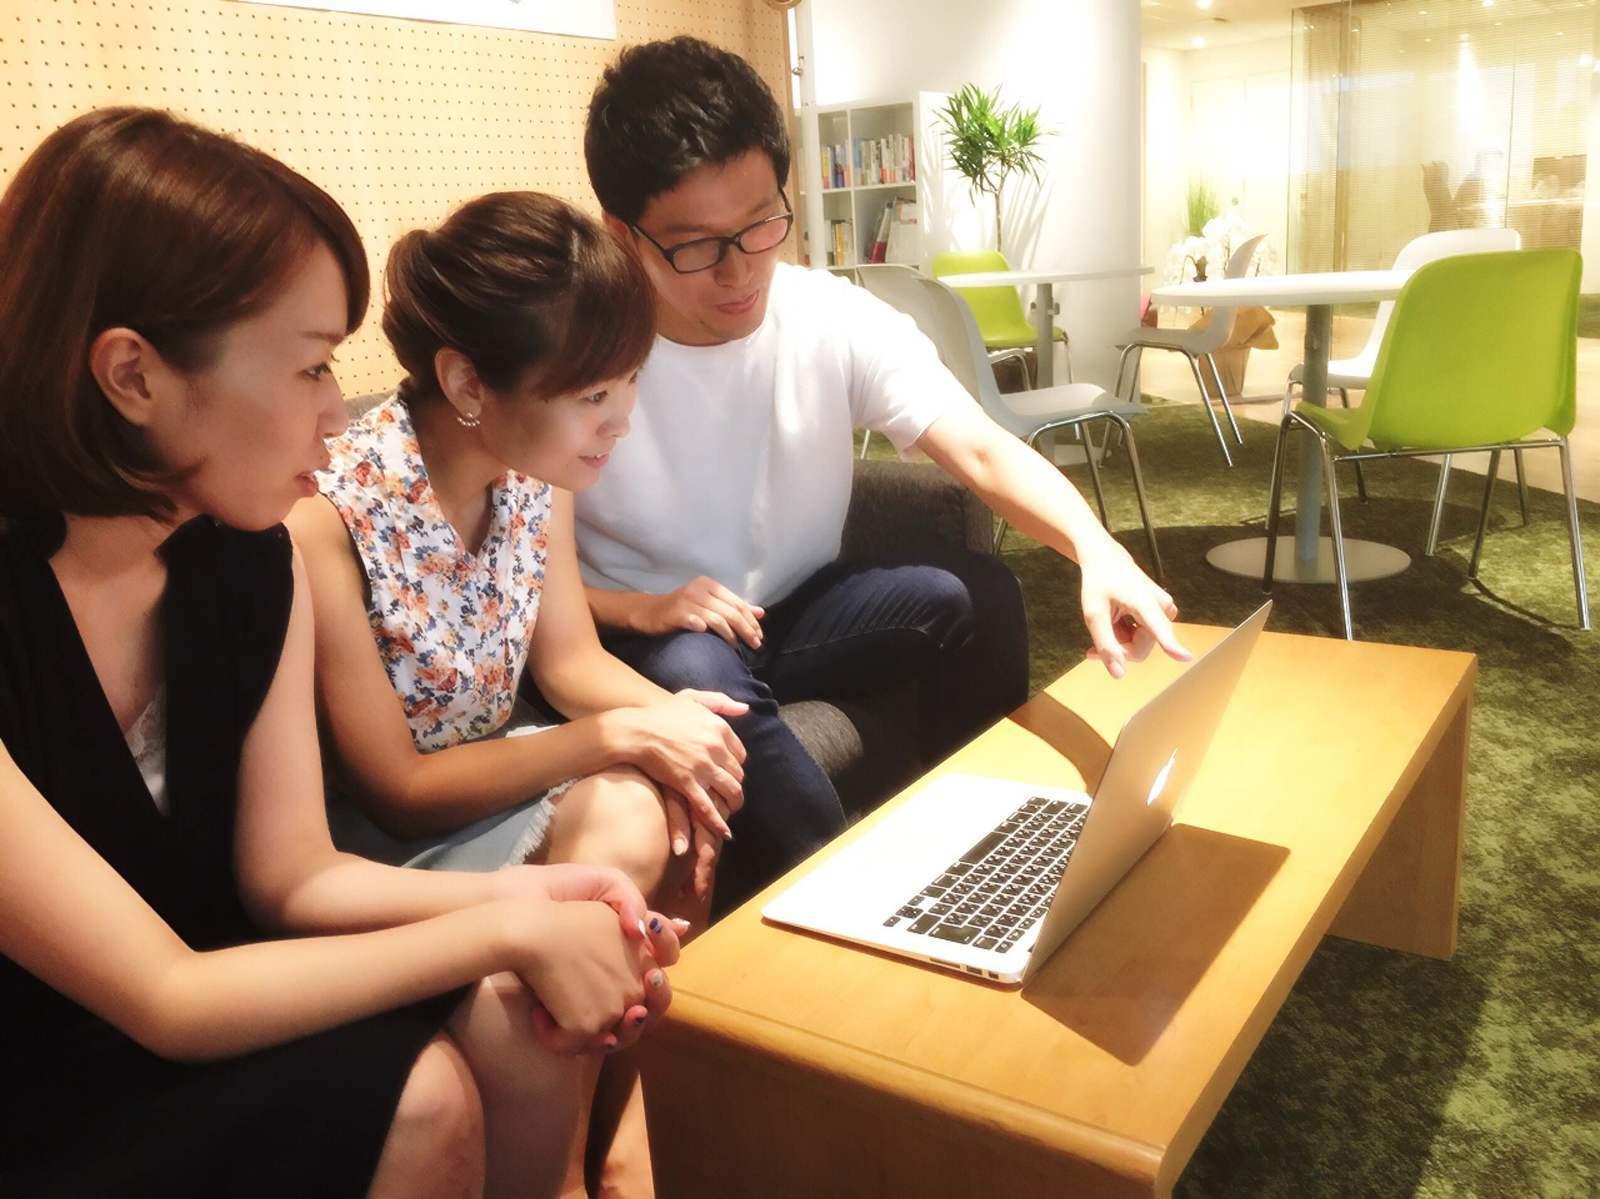 【エンジニアマネージャー】急成長する「ジモティー」の開発チームをリードするエンジニアマネージャー募集!